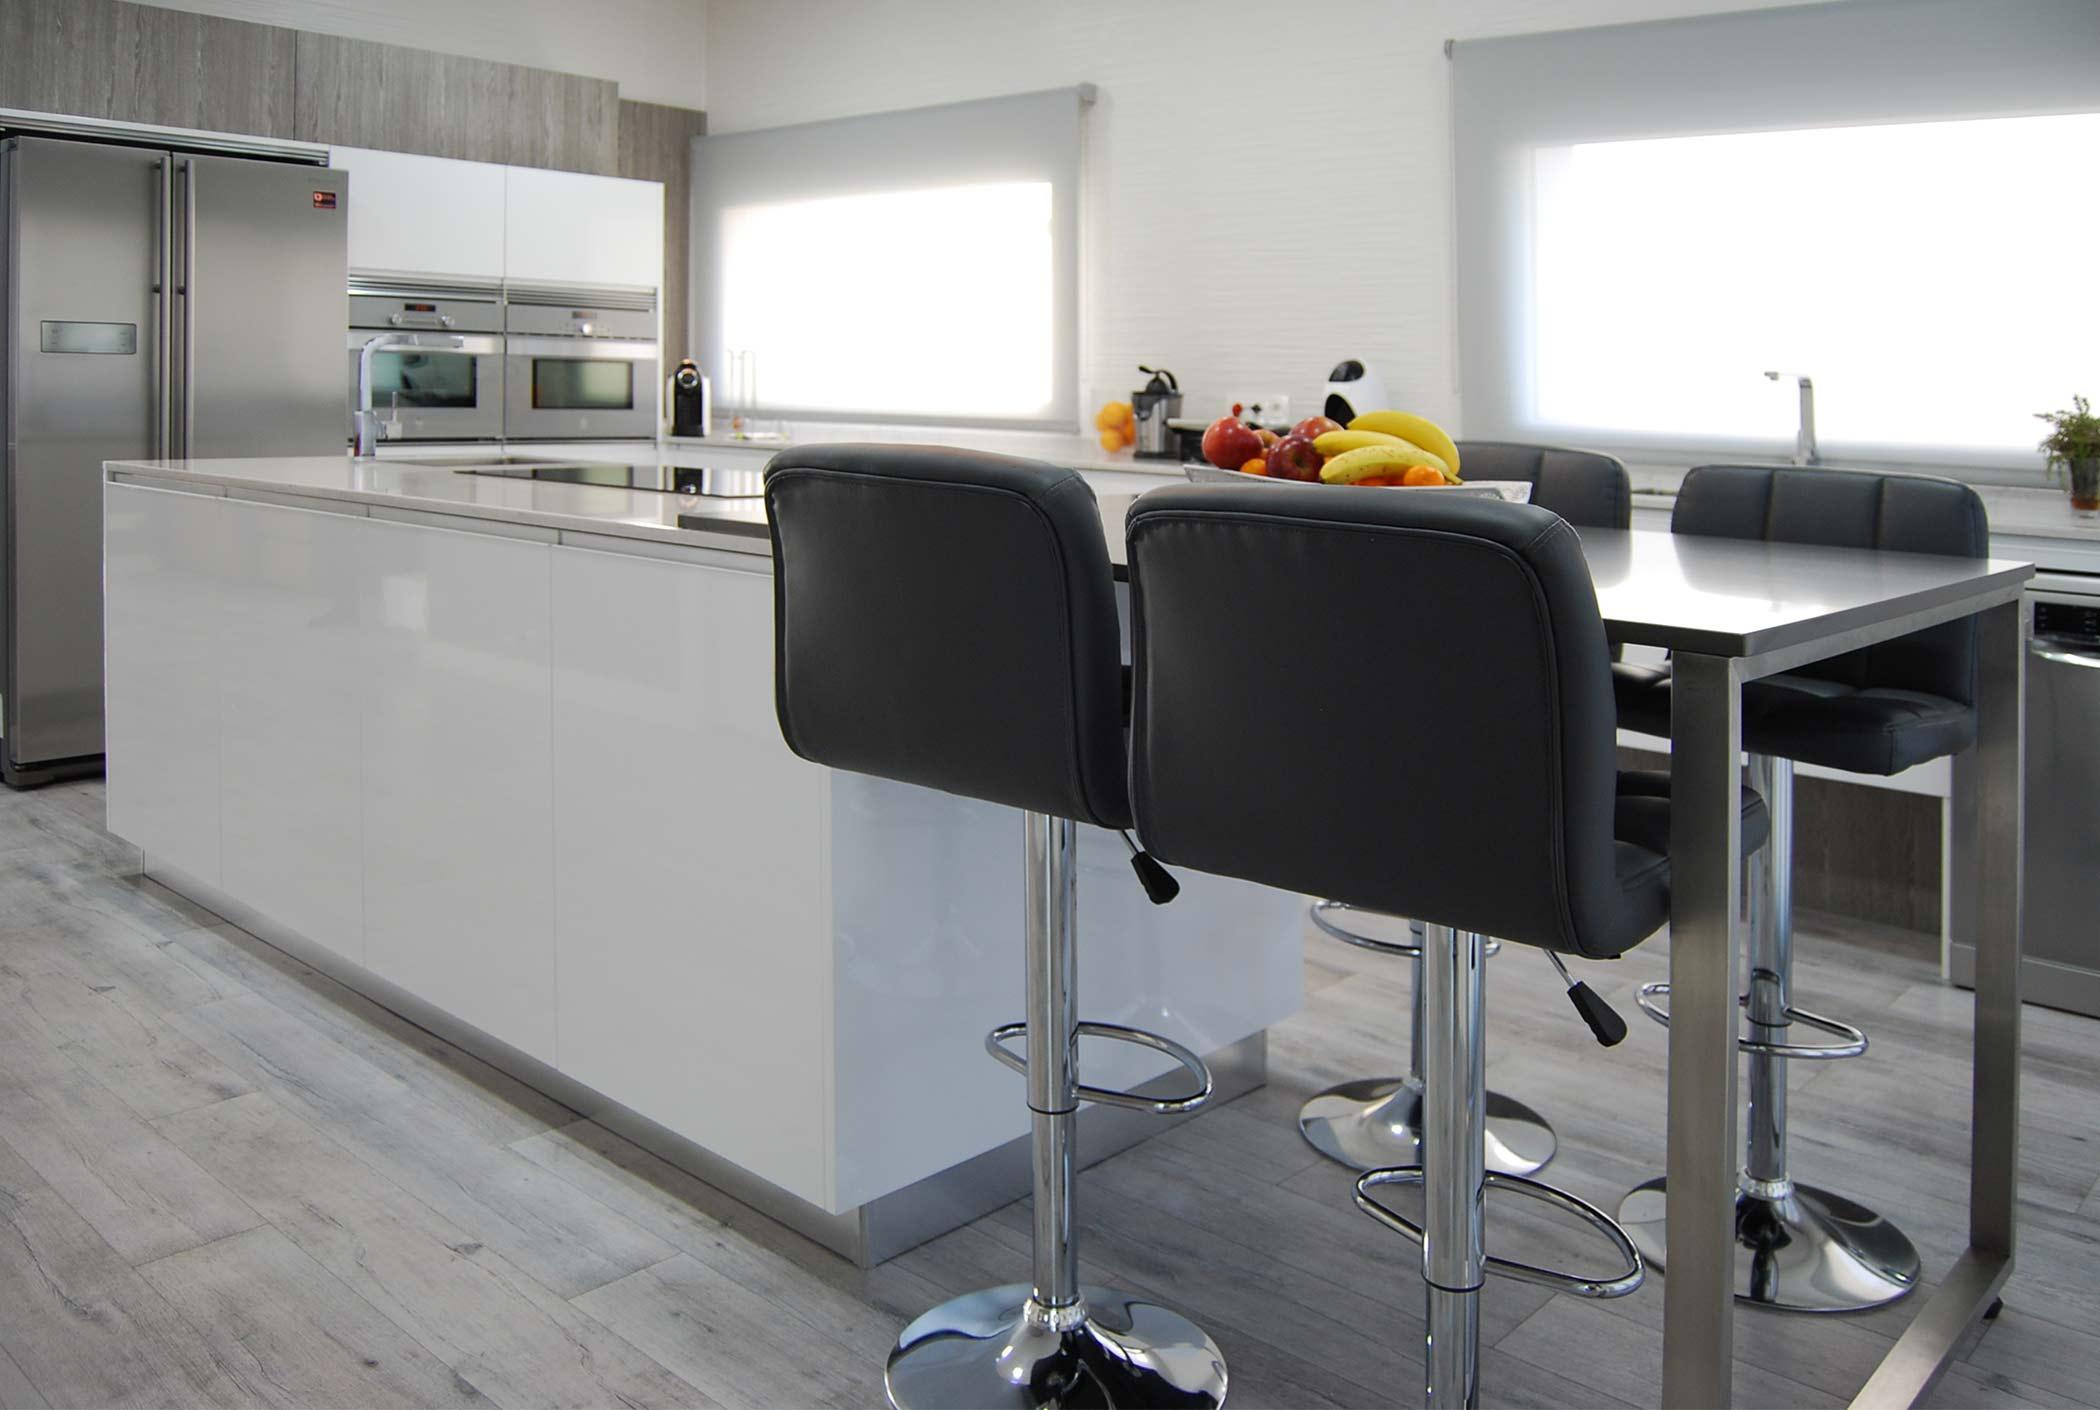 Cocina blanca en isla con mesa elevada